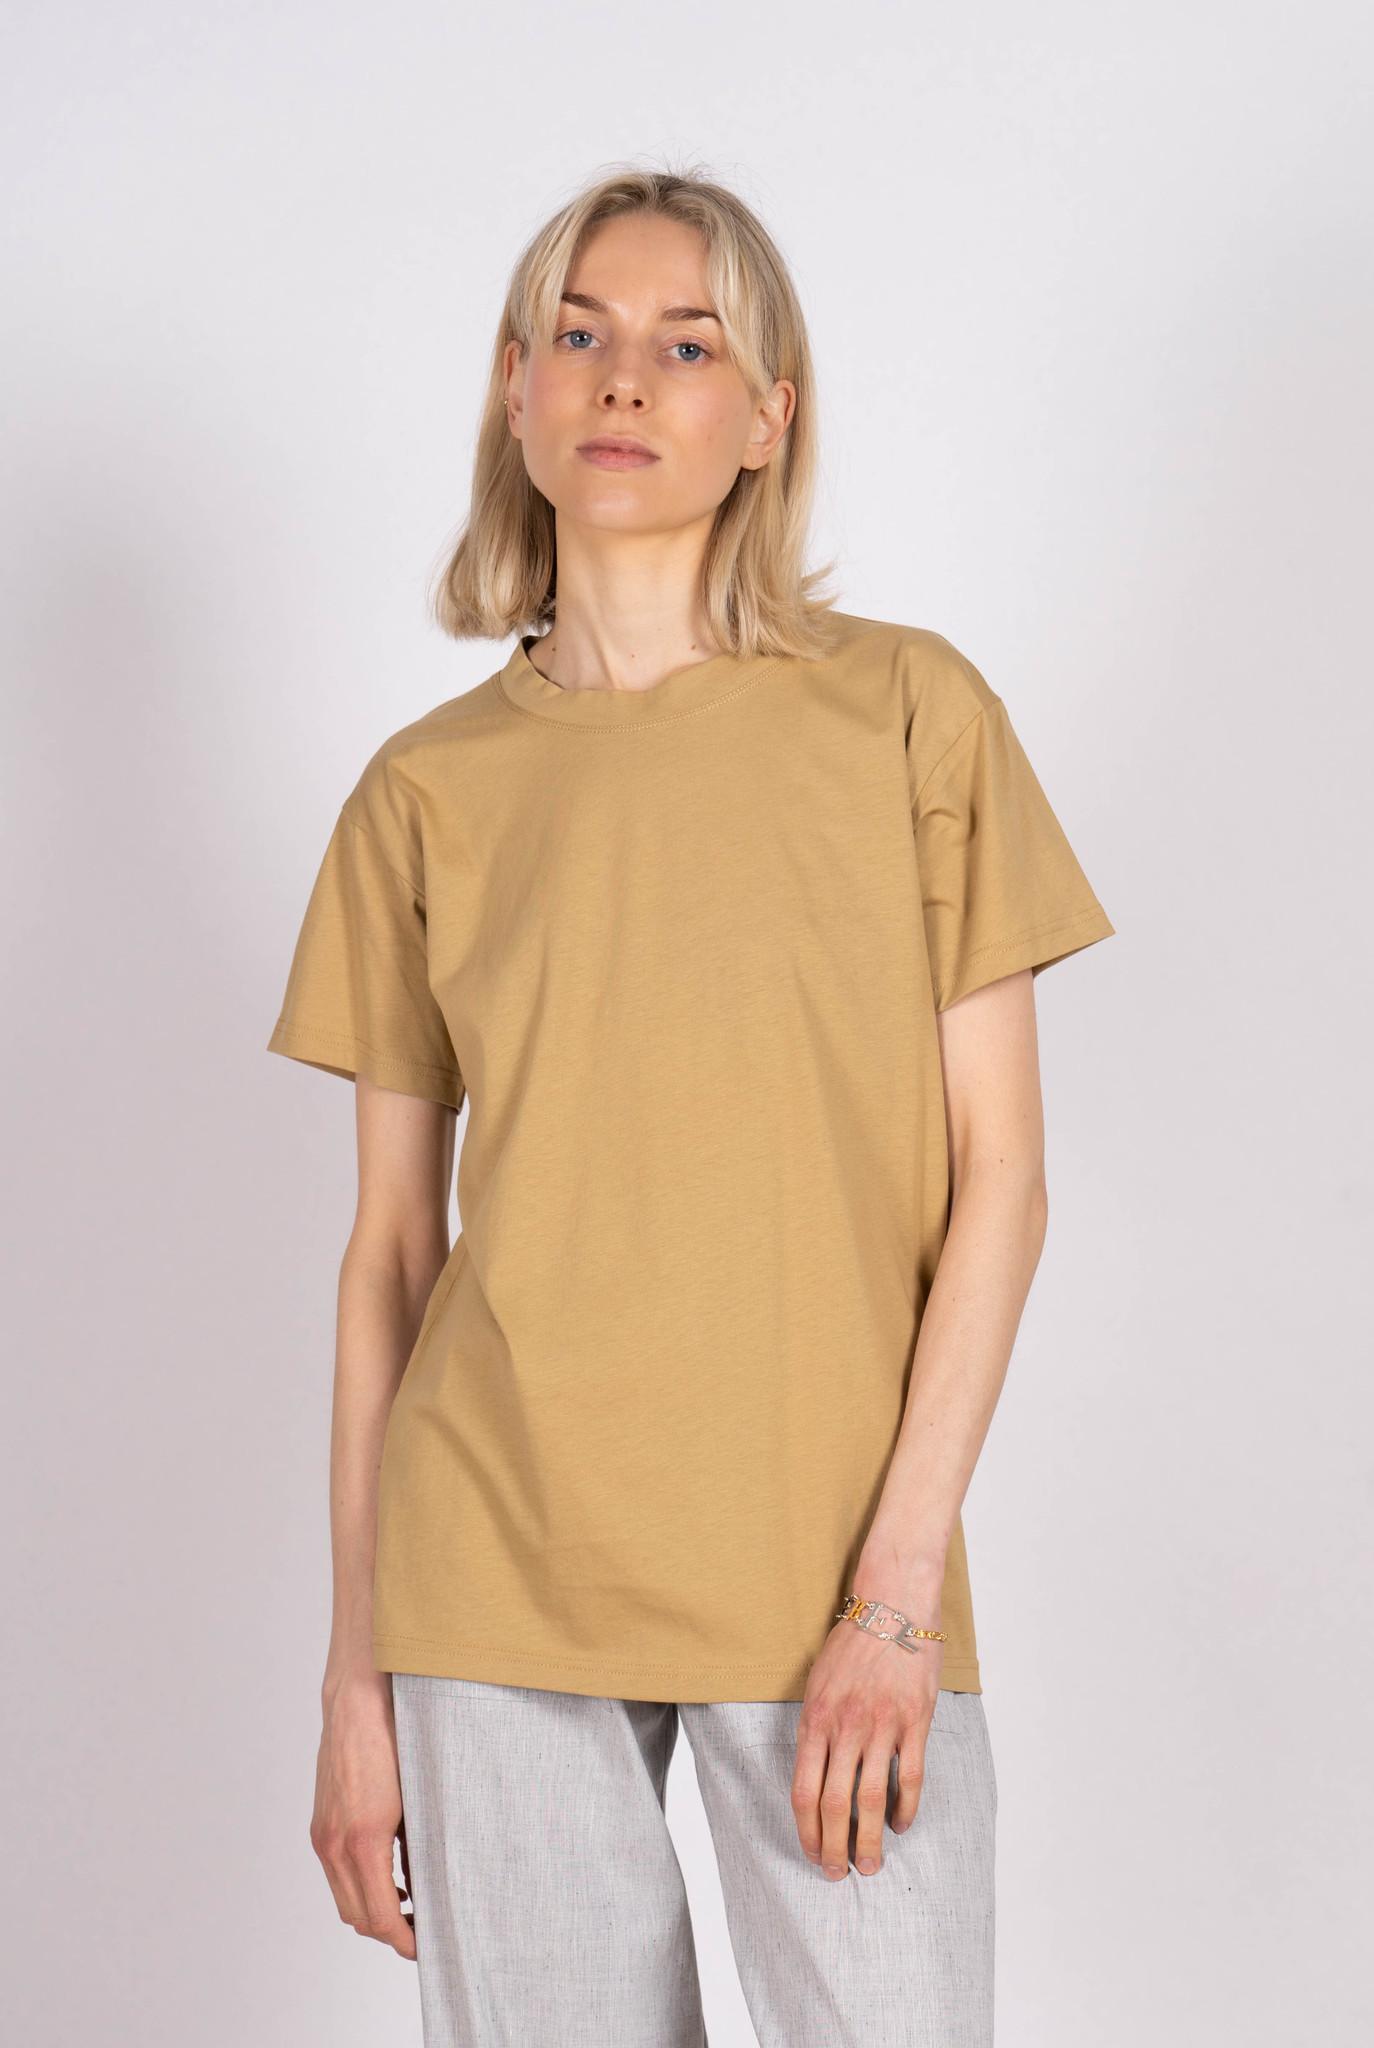 Boy T-shirt Beige Jersey